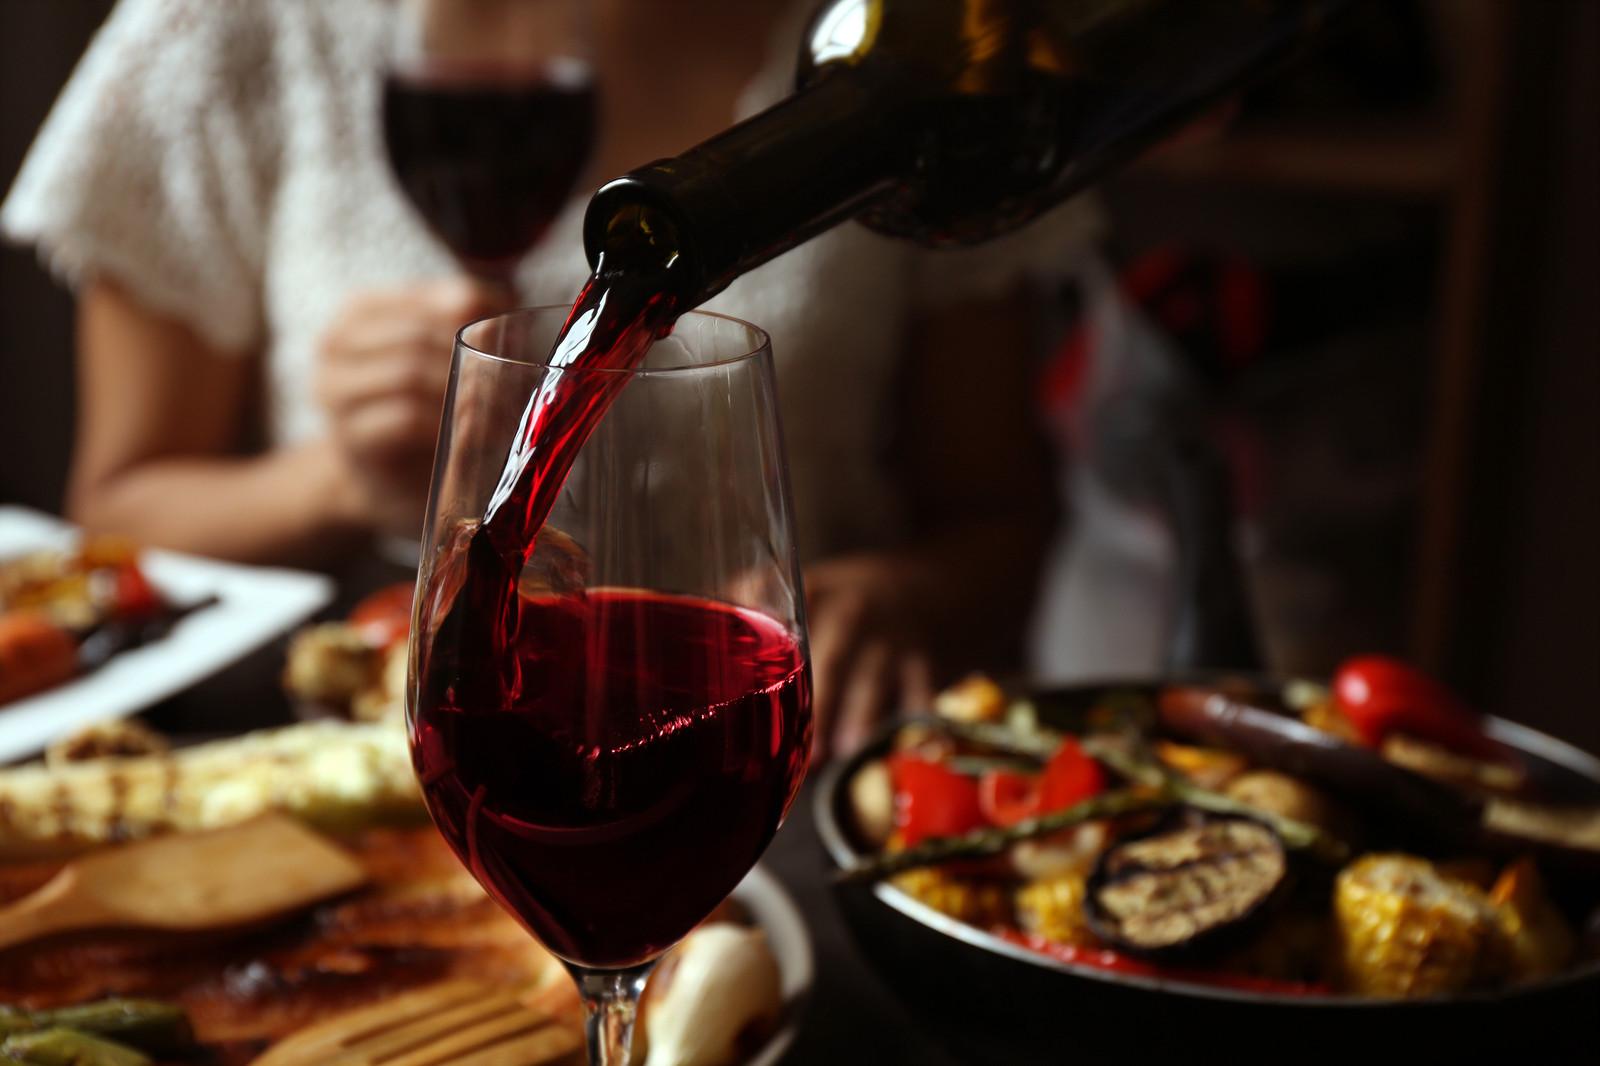 Privilégier le goût authentique du vin naturel